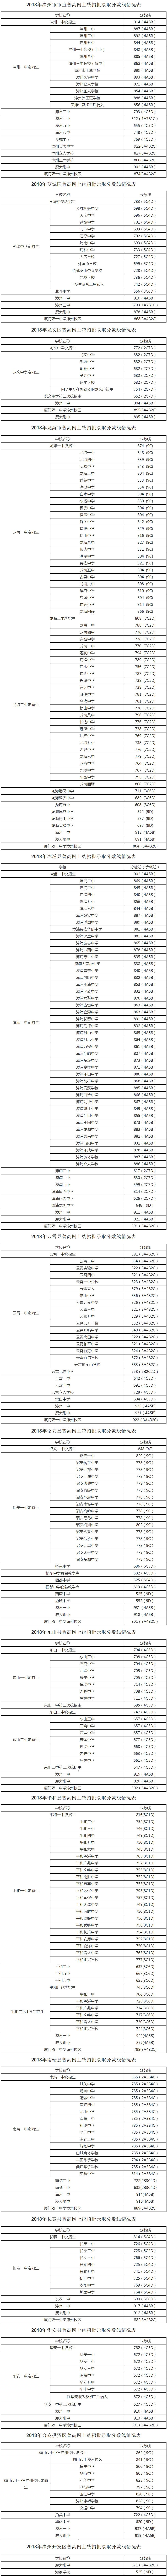 2018漳州普通高中中考统招批次录取分数线公布